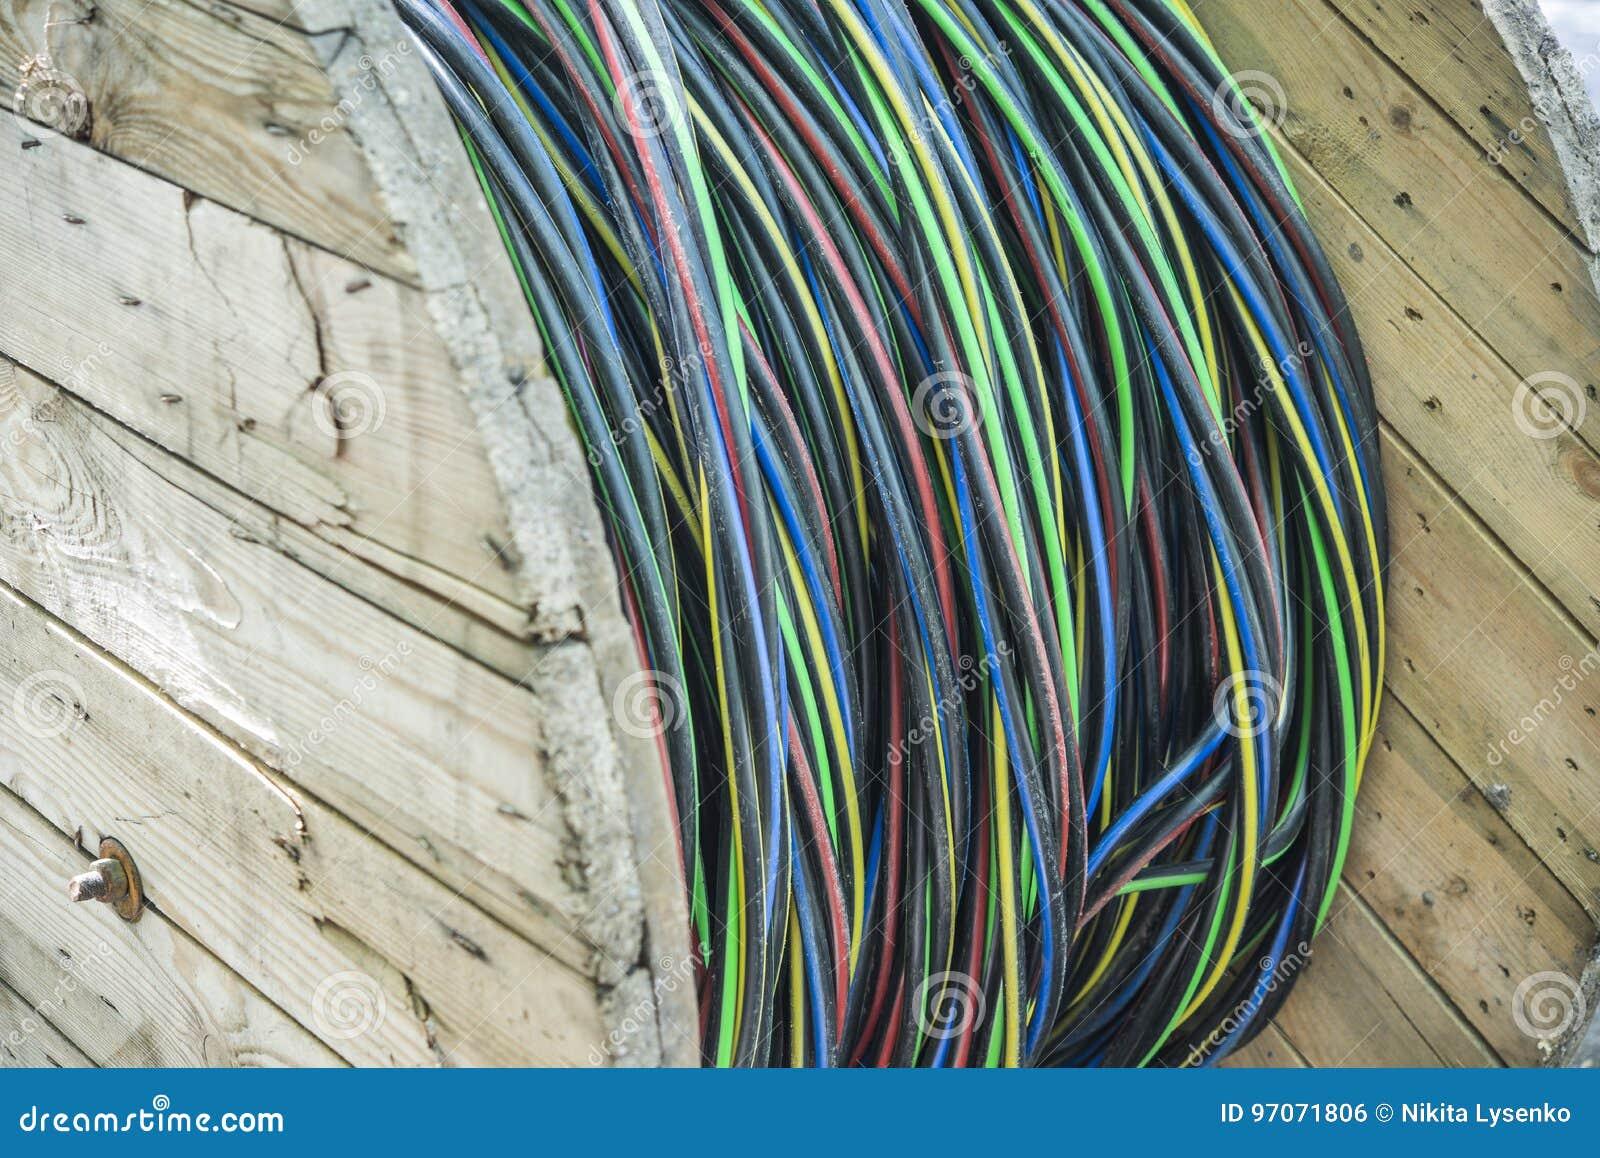 Fein Klammern Für Elektrische Kabel Ideen - Schaltplan Serie Circuit ...